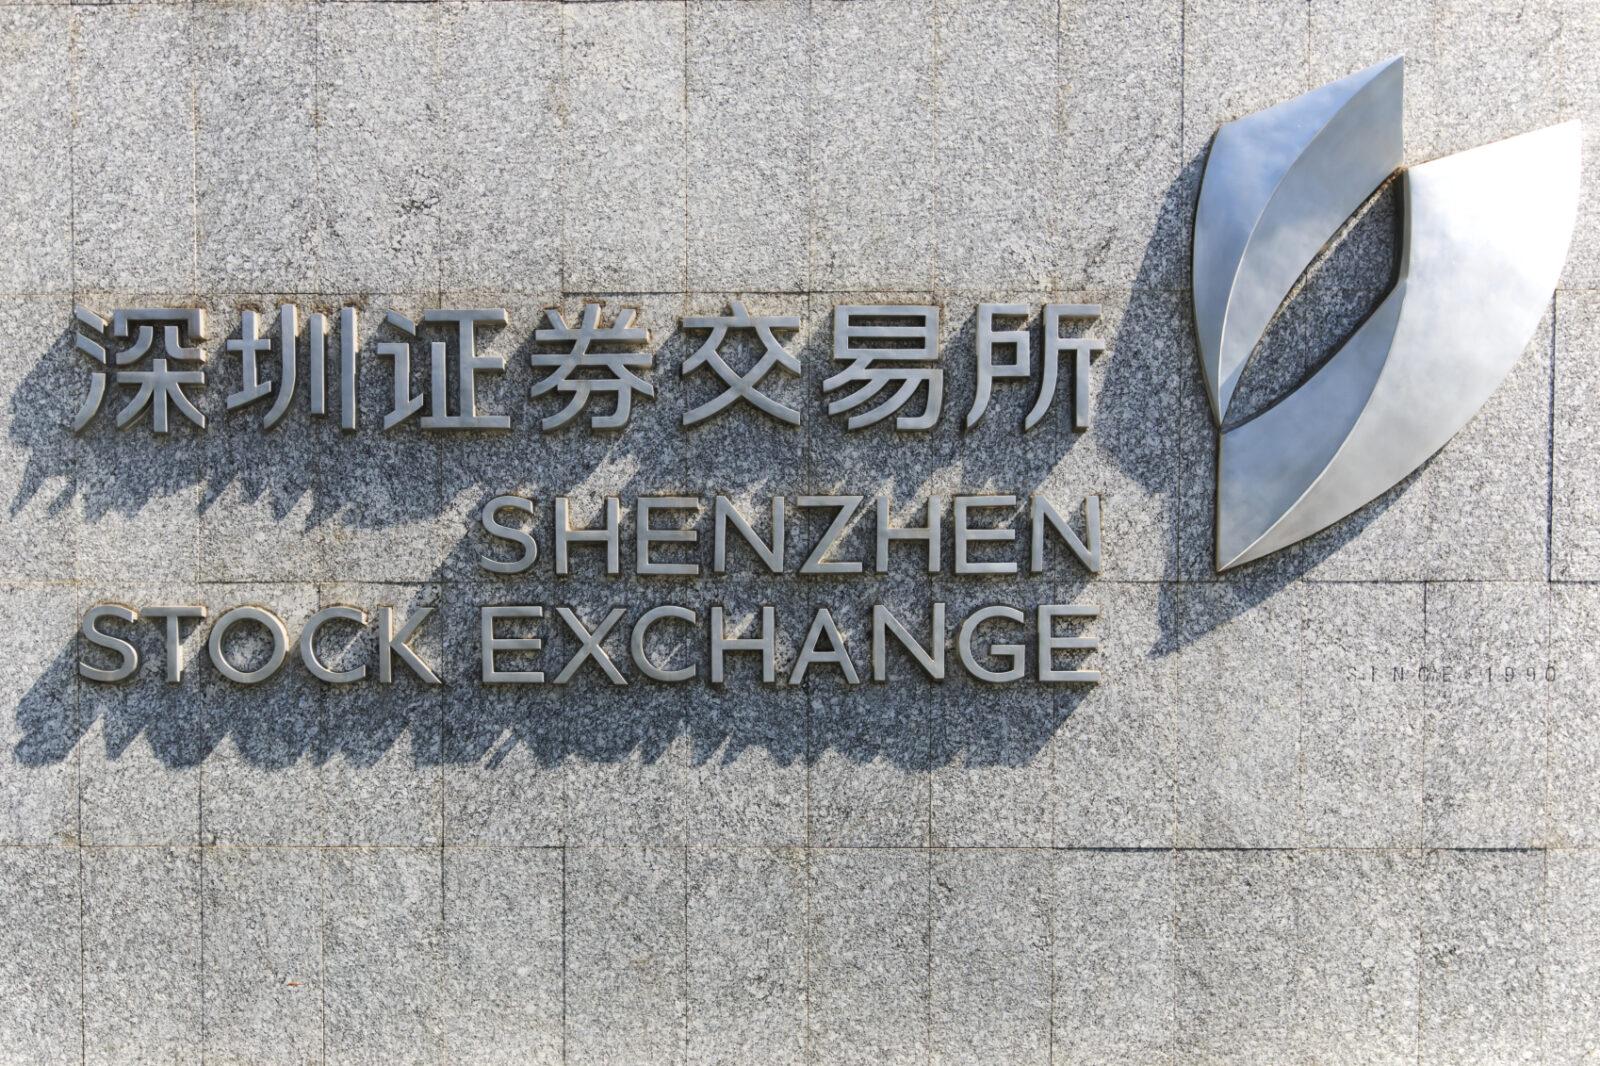 shenzen stock exchange